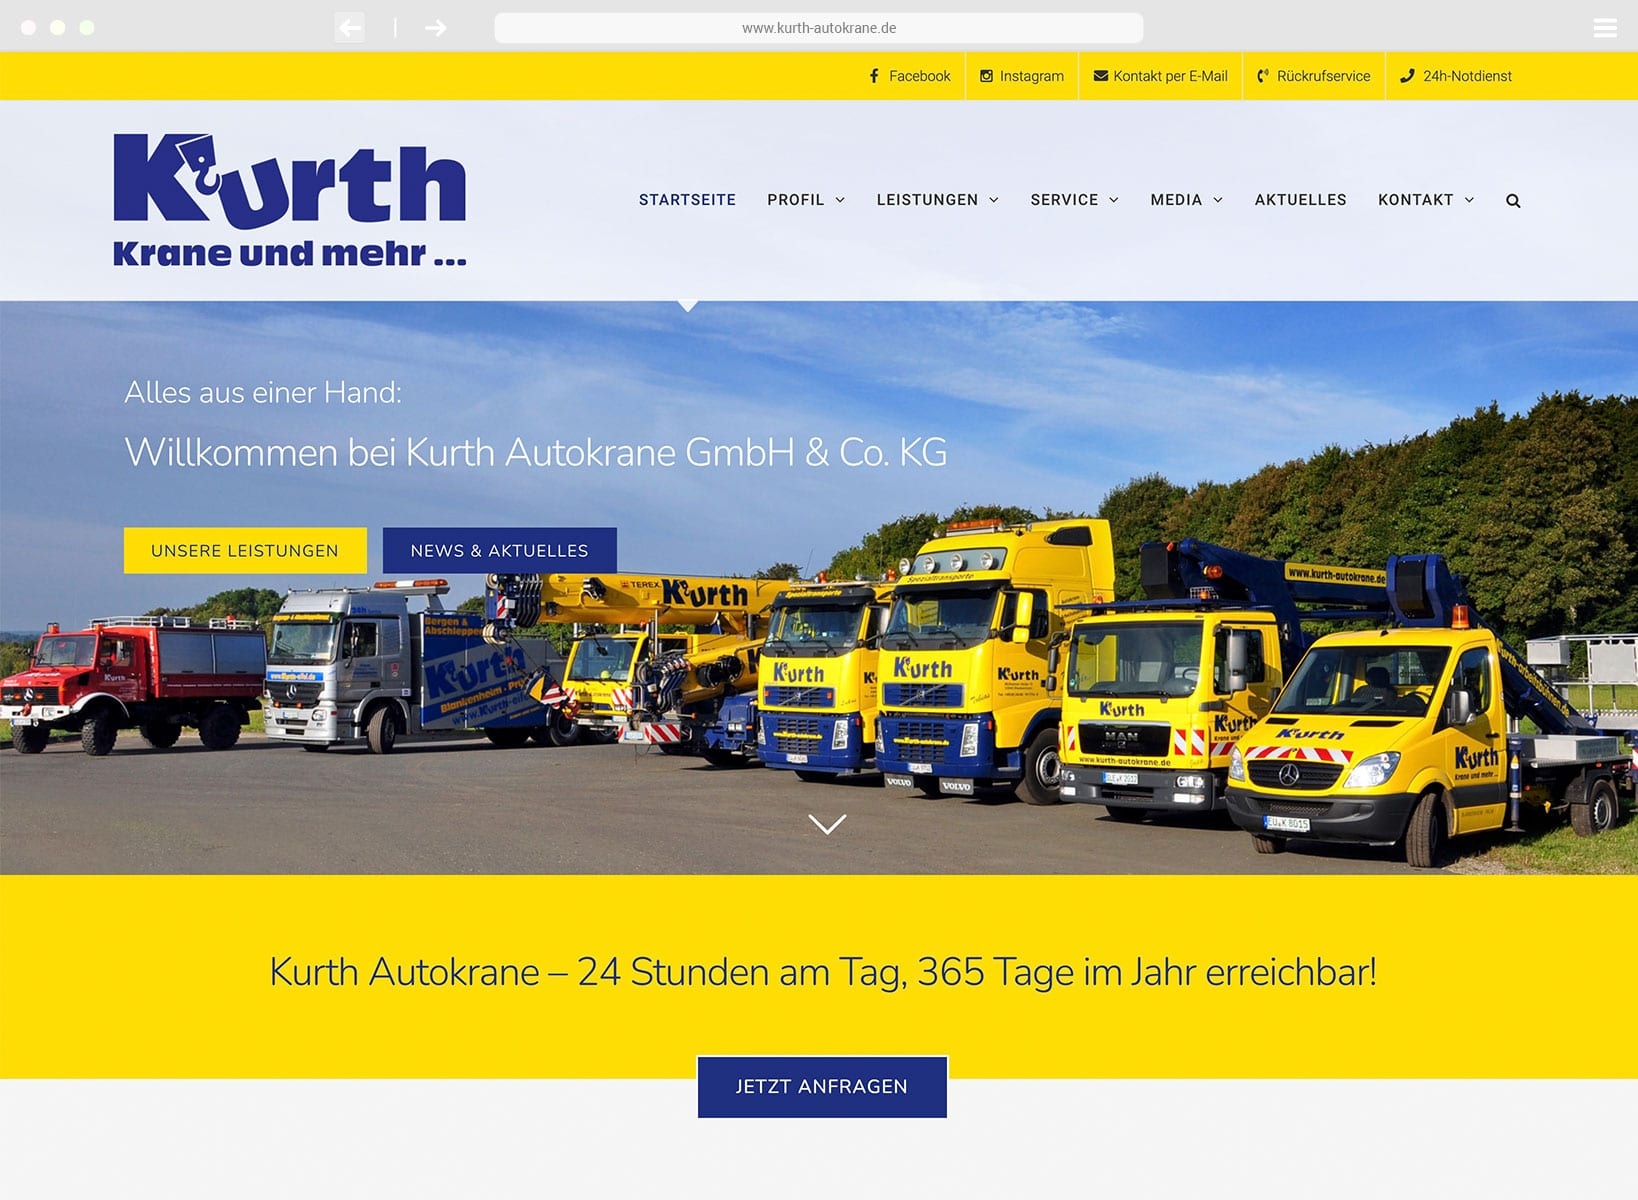 www.kurth-autokrane.de